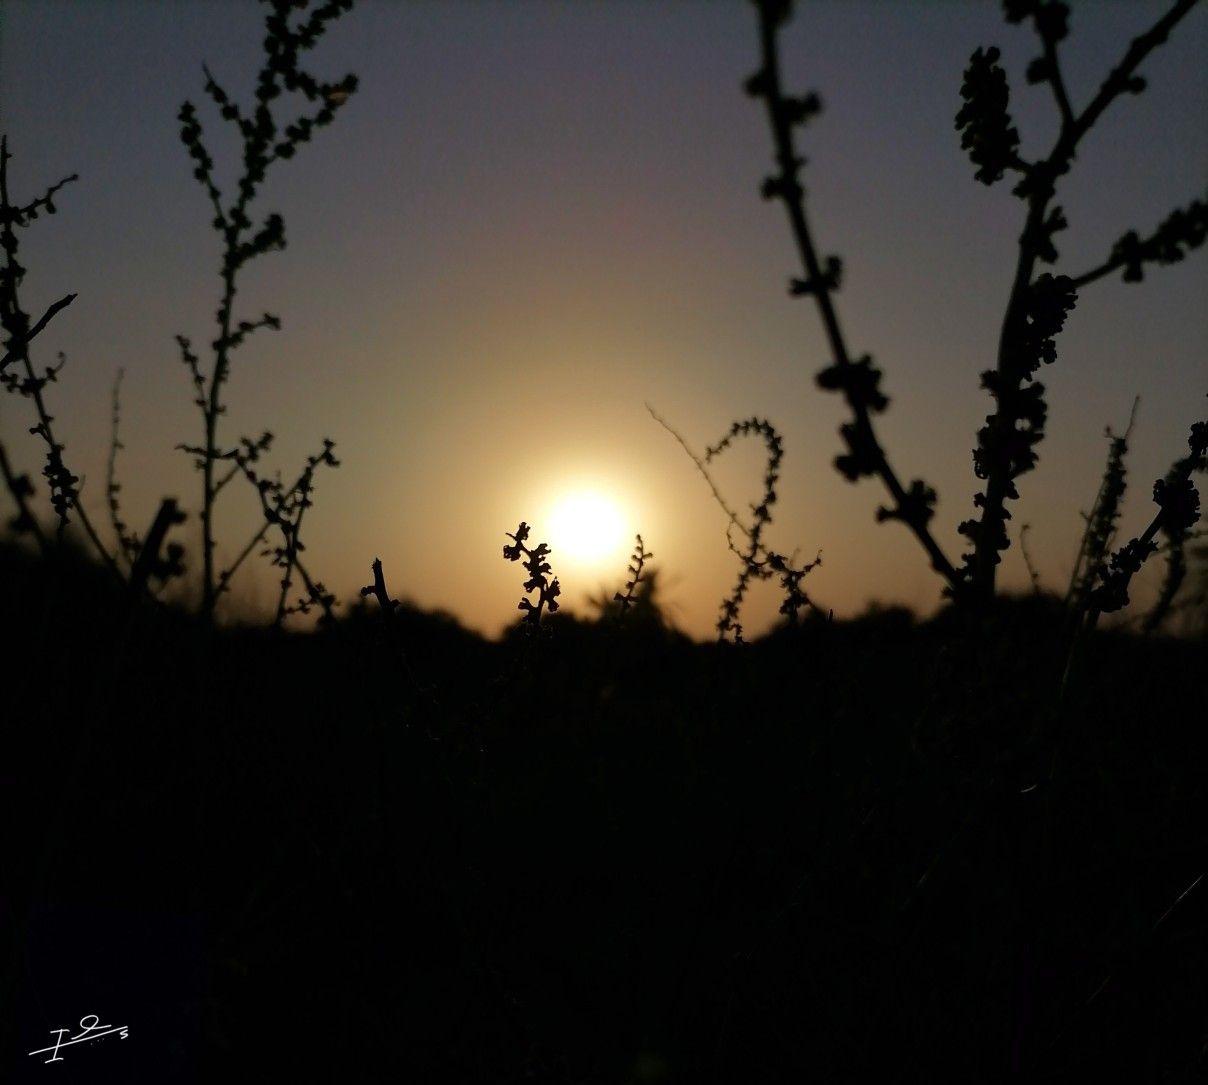 تصوير سلويت Celestial Sunset Celestial Bodies